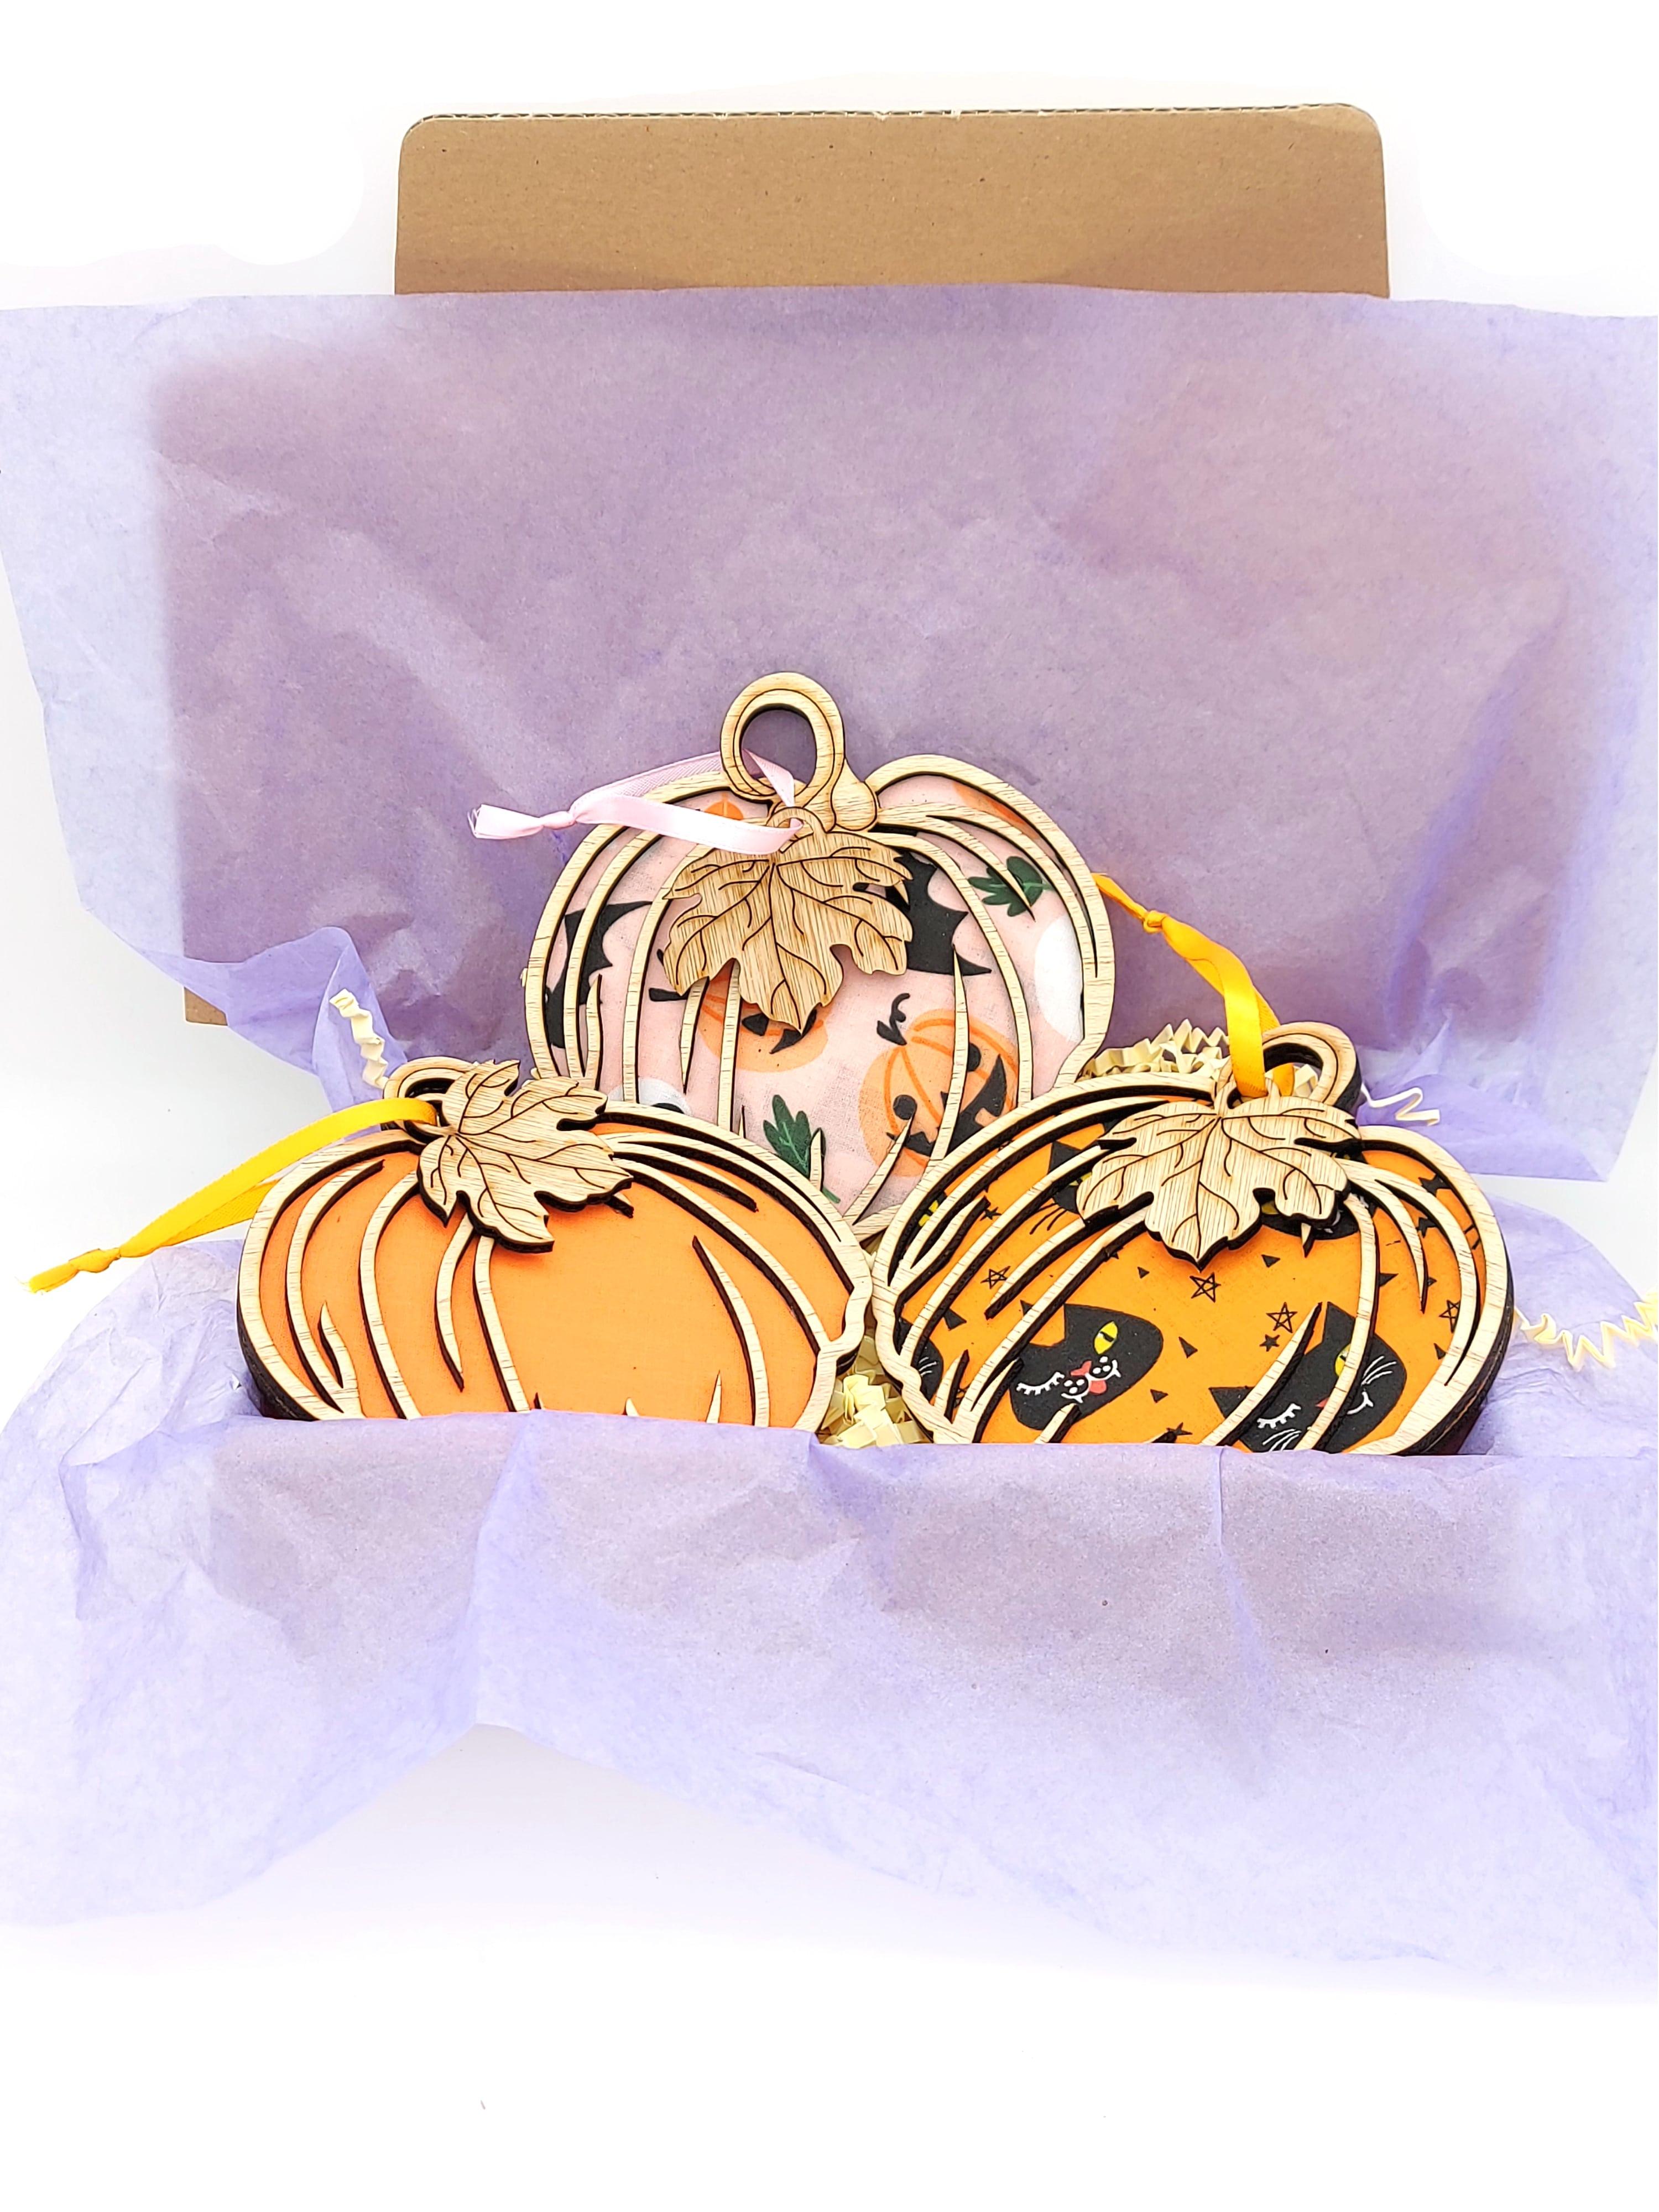 Full Set of Pumpkins